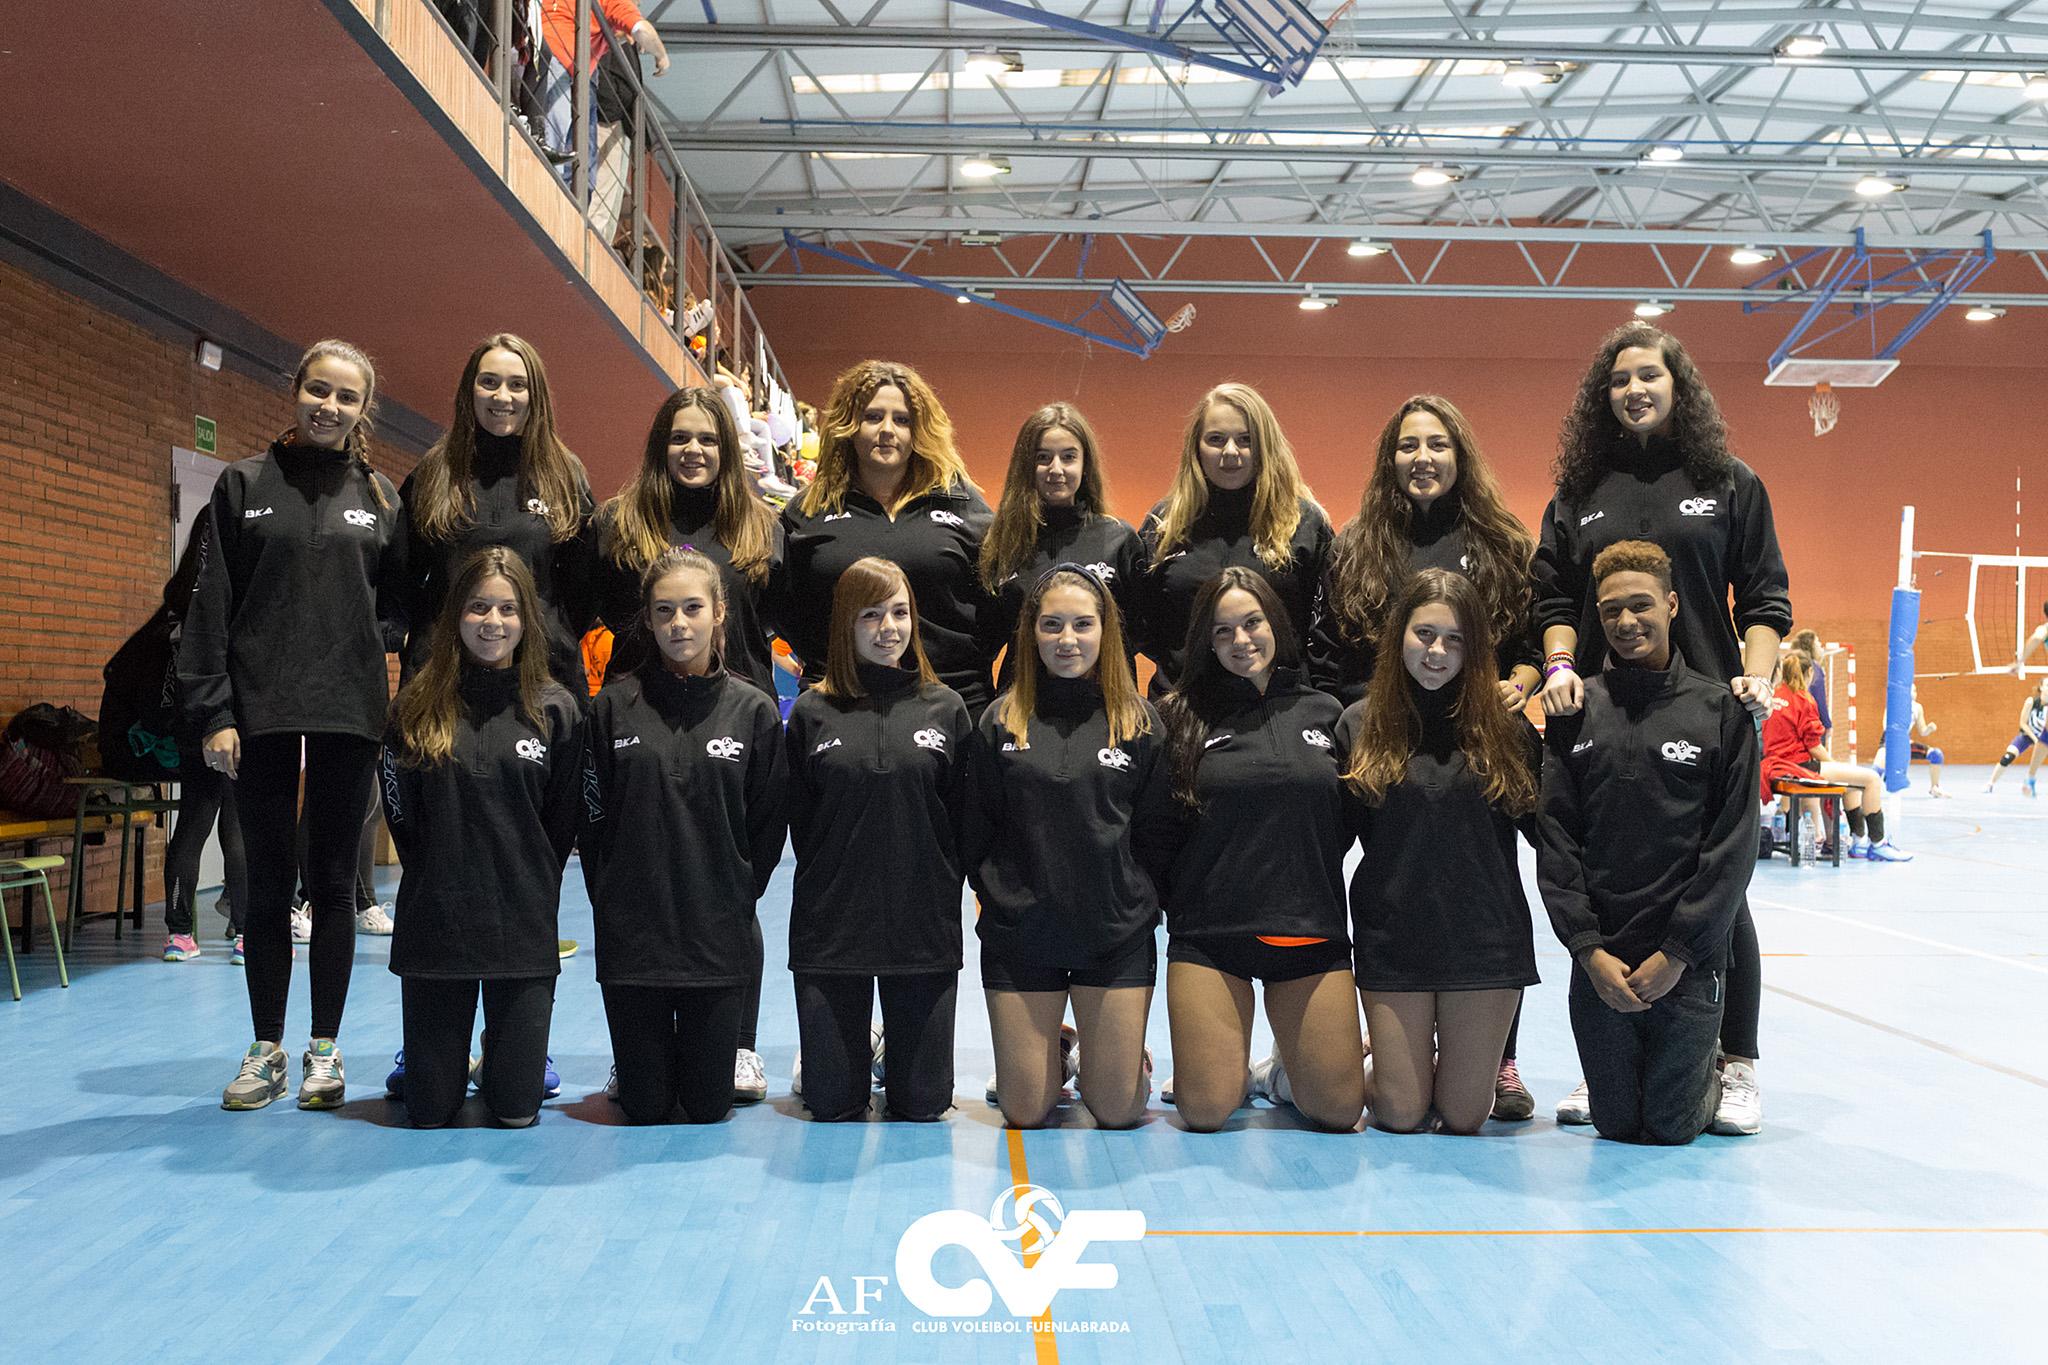 cvf-nov-2016-plantillas139_31097233761_o